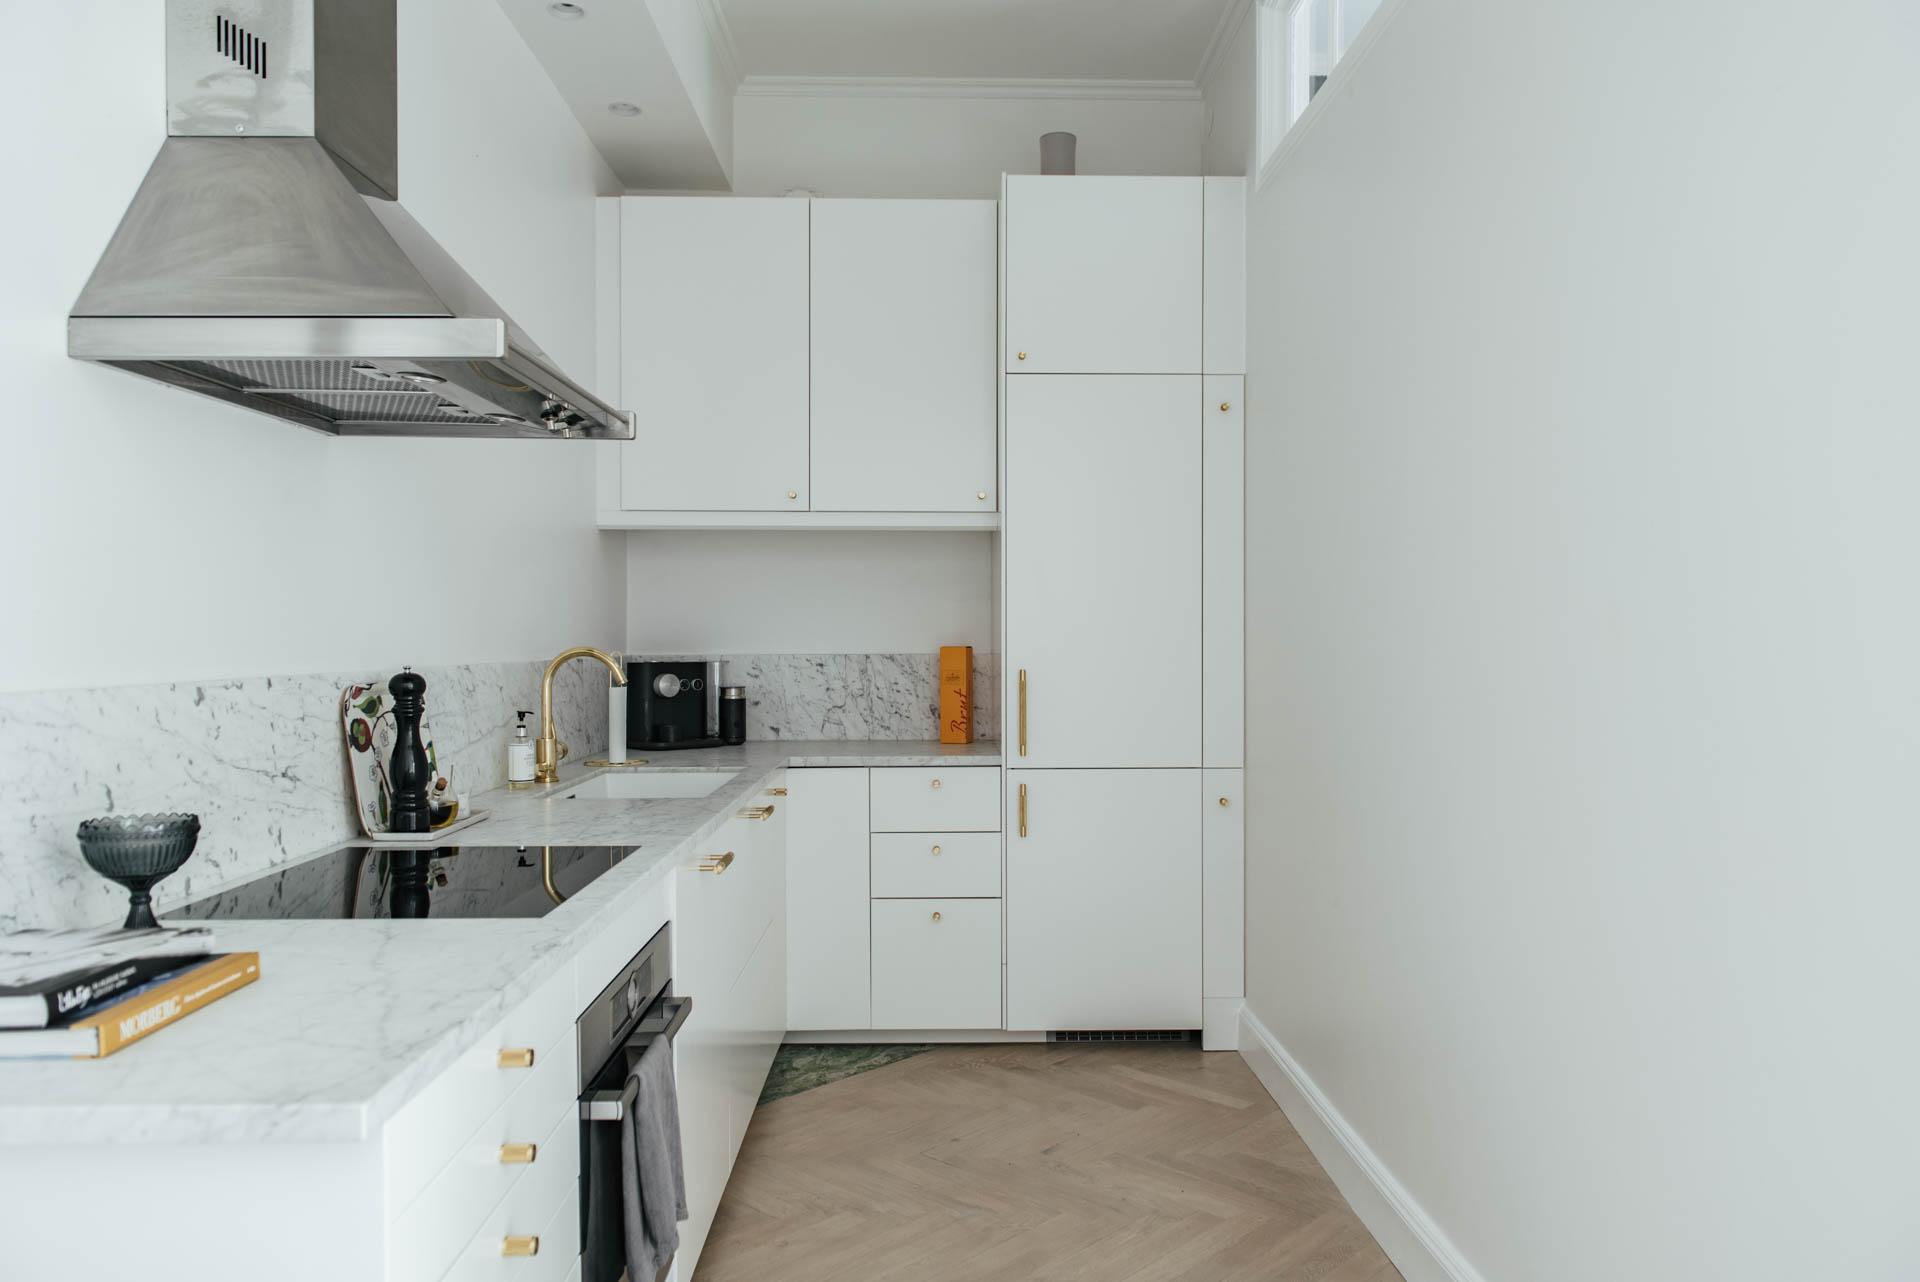 Deze moderne keuken laat zien dat witte keuken, gouden deurgrepen en een wit marmeren keukenblad een mooie combinatie blijft. Klik hier voor meer foto's.